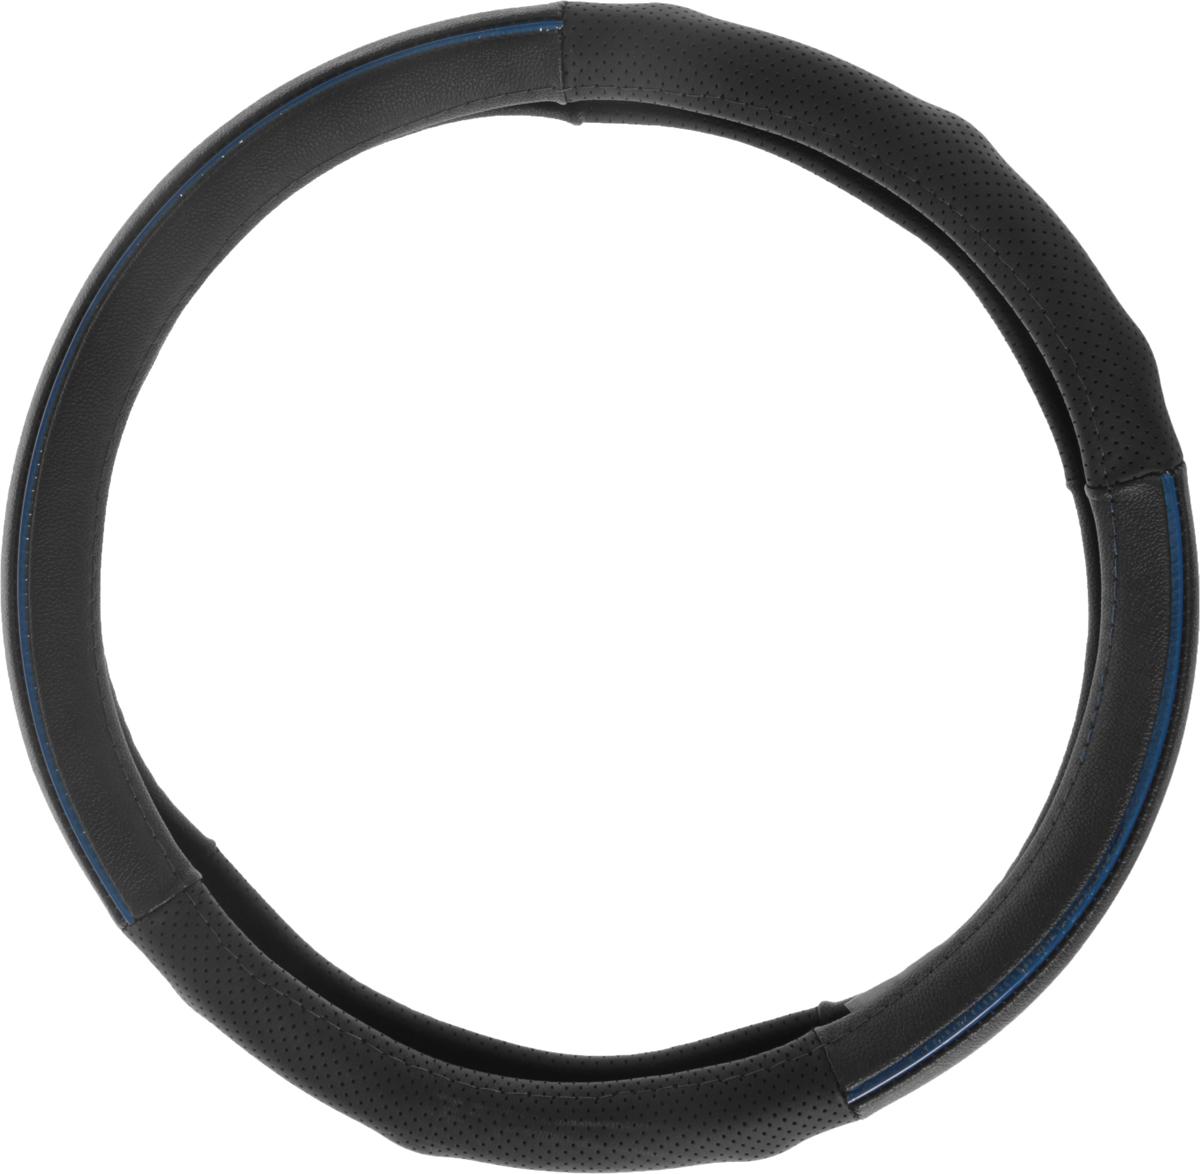 Оплетка руля Autoprofi Luxury AP-1060, с вставками из экокожи, цвет: черный, синий. Размер M (37-39 см). AP-1060 BK/BL (M) цена